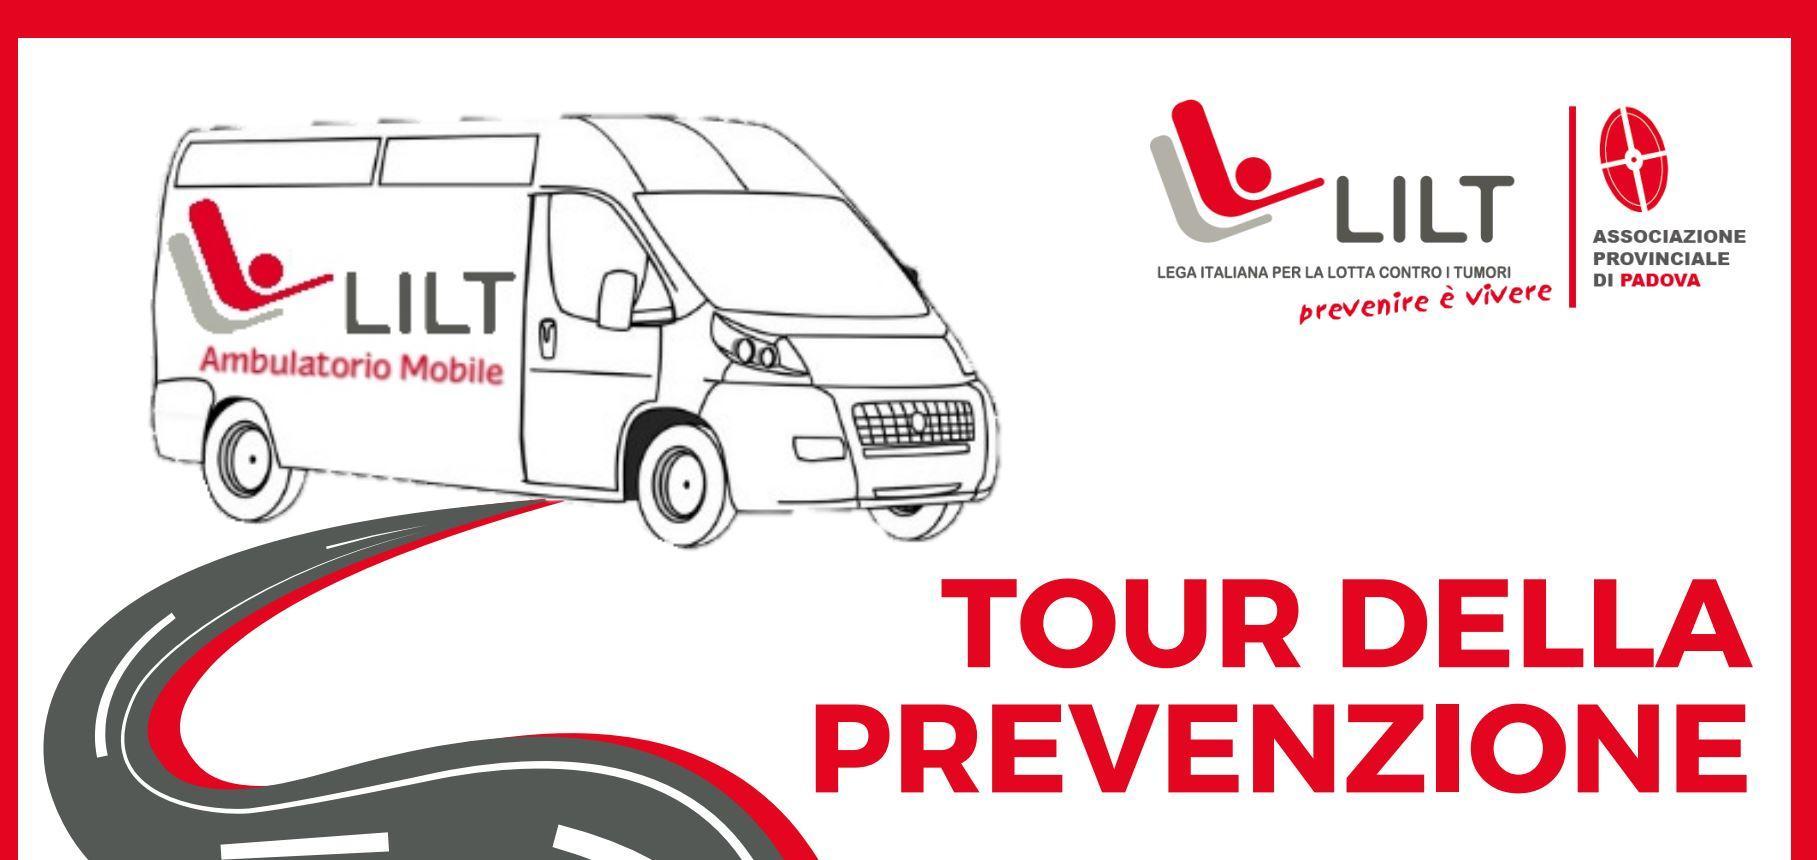 img lilt tour della prevenzione